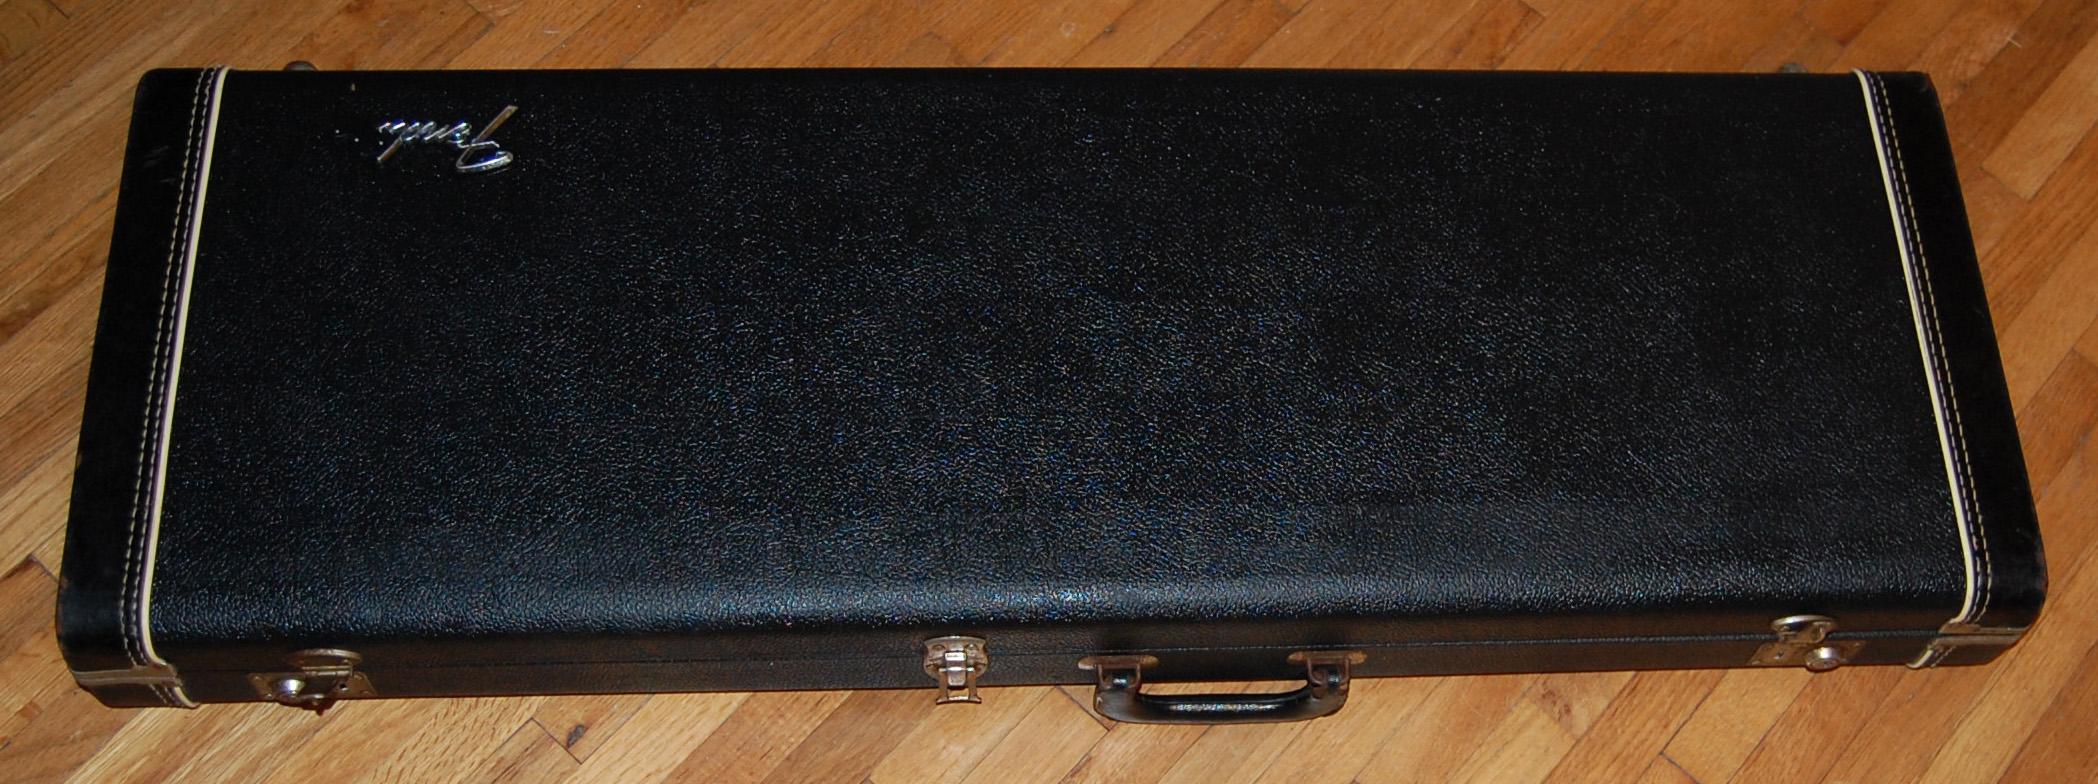 1971 tele case